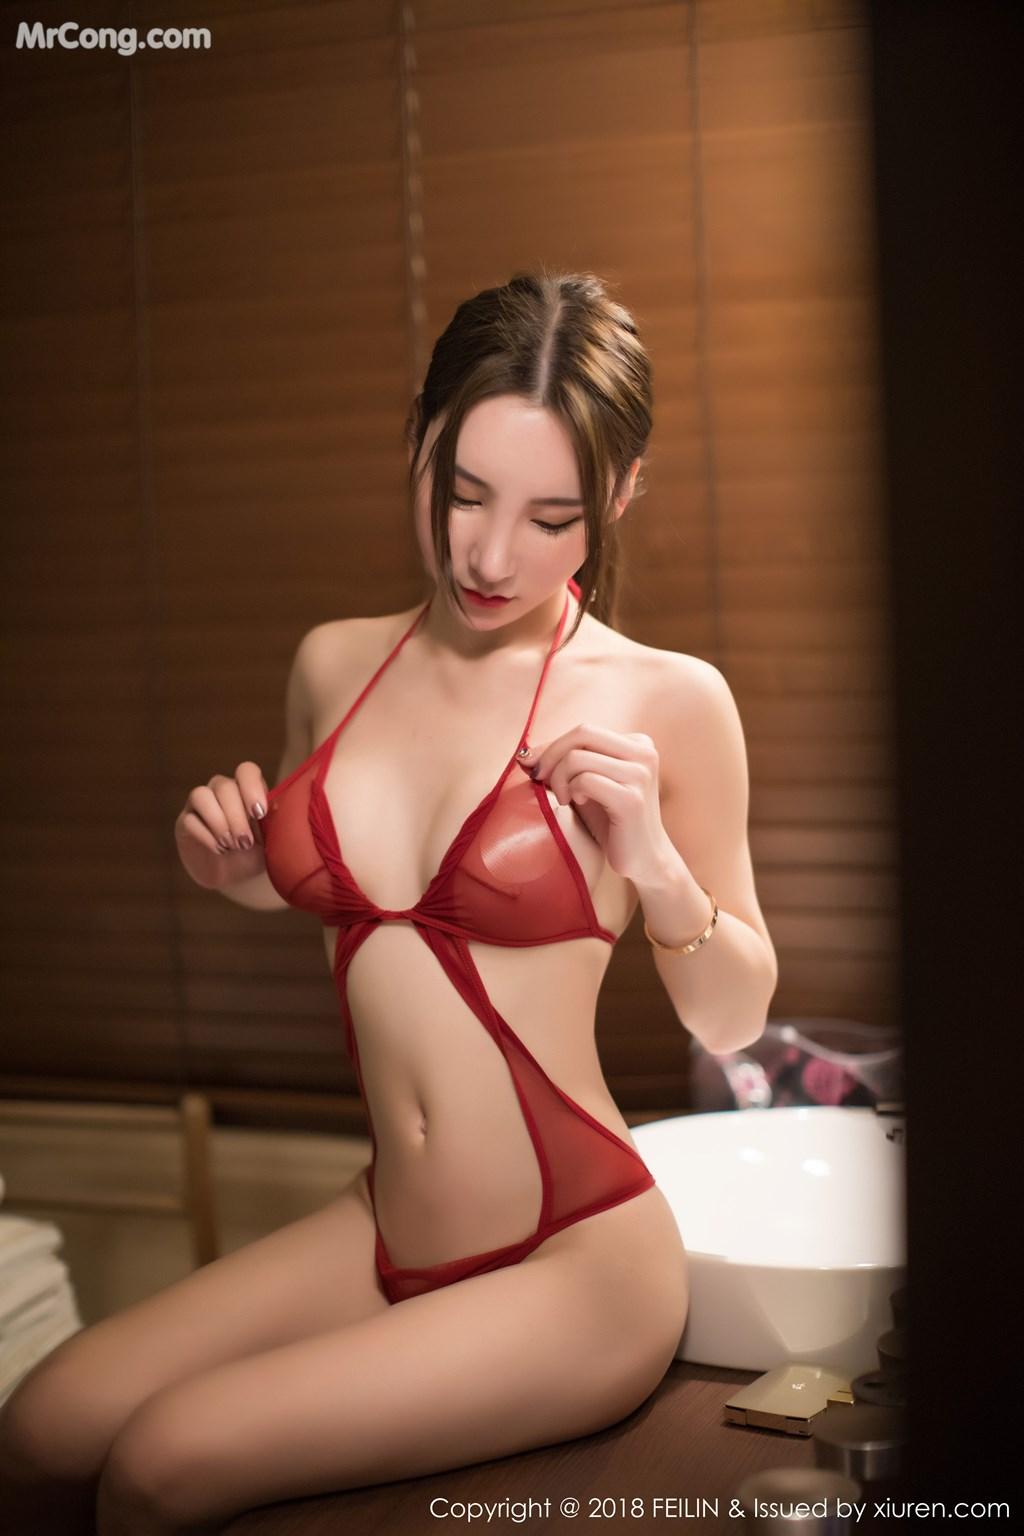 Image IMISS-Vol.238-Zhou-Yuxi-MrCong.com-007 in post IMISS Vol.238: Người mẫu Zhou Yuxi (周于希) (38 ảnh)